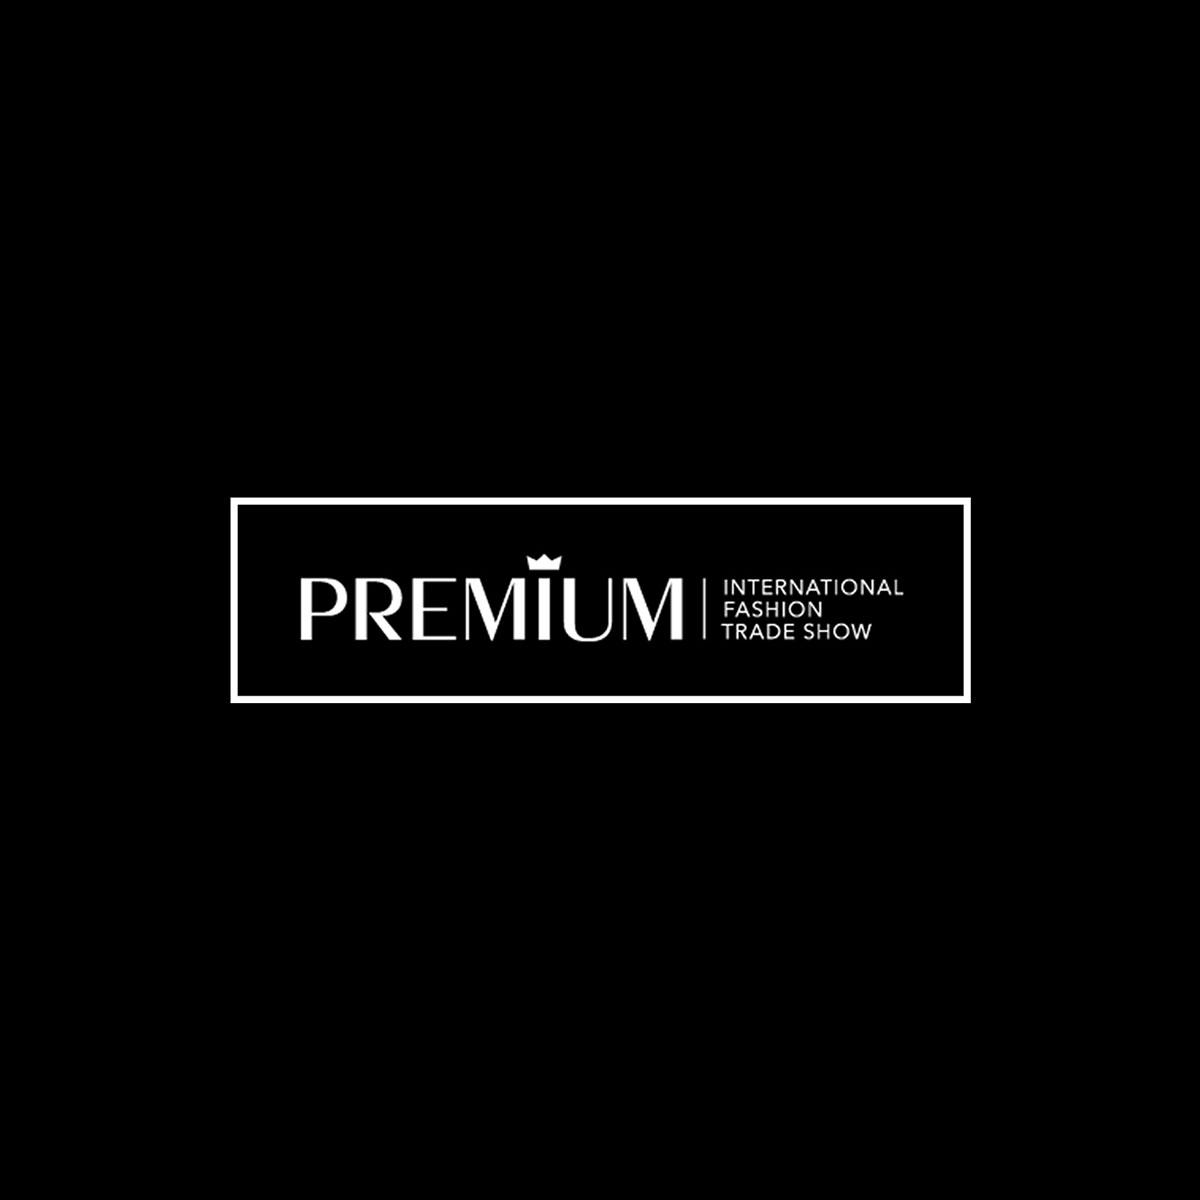 barbatimoda_fiere-premium